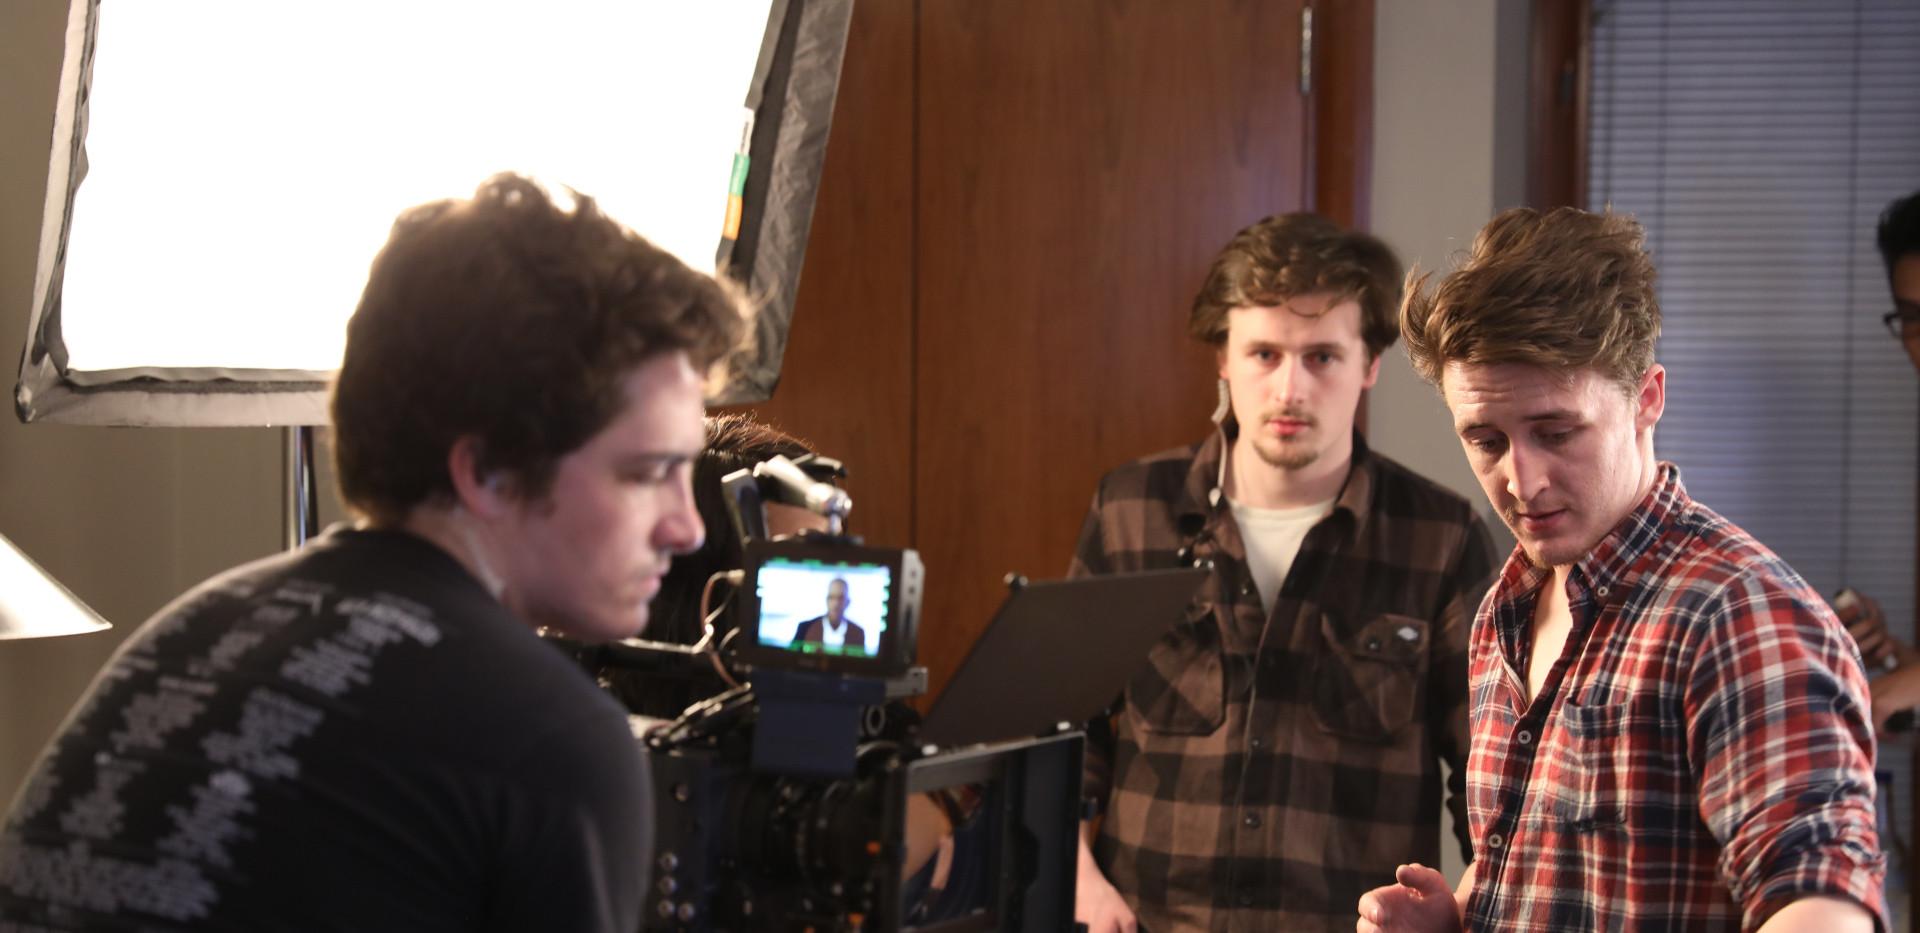 Homeward (Behind the scenes)